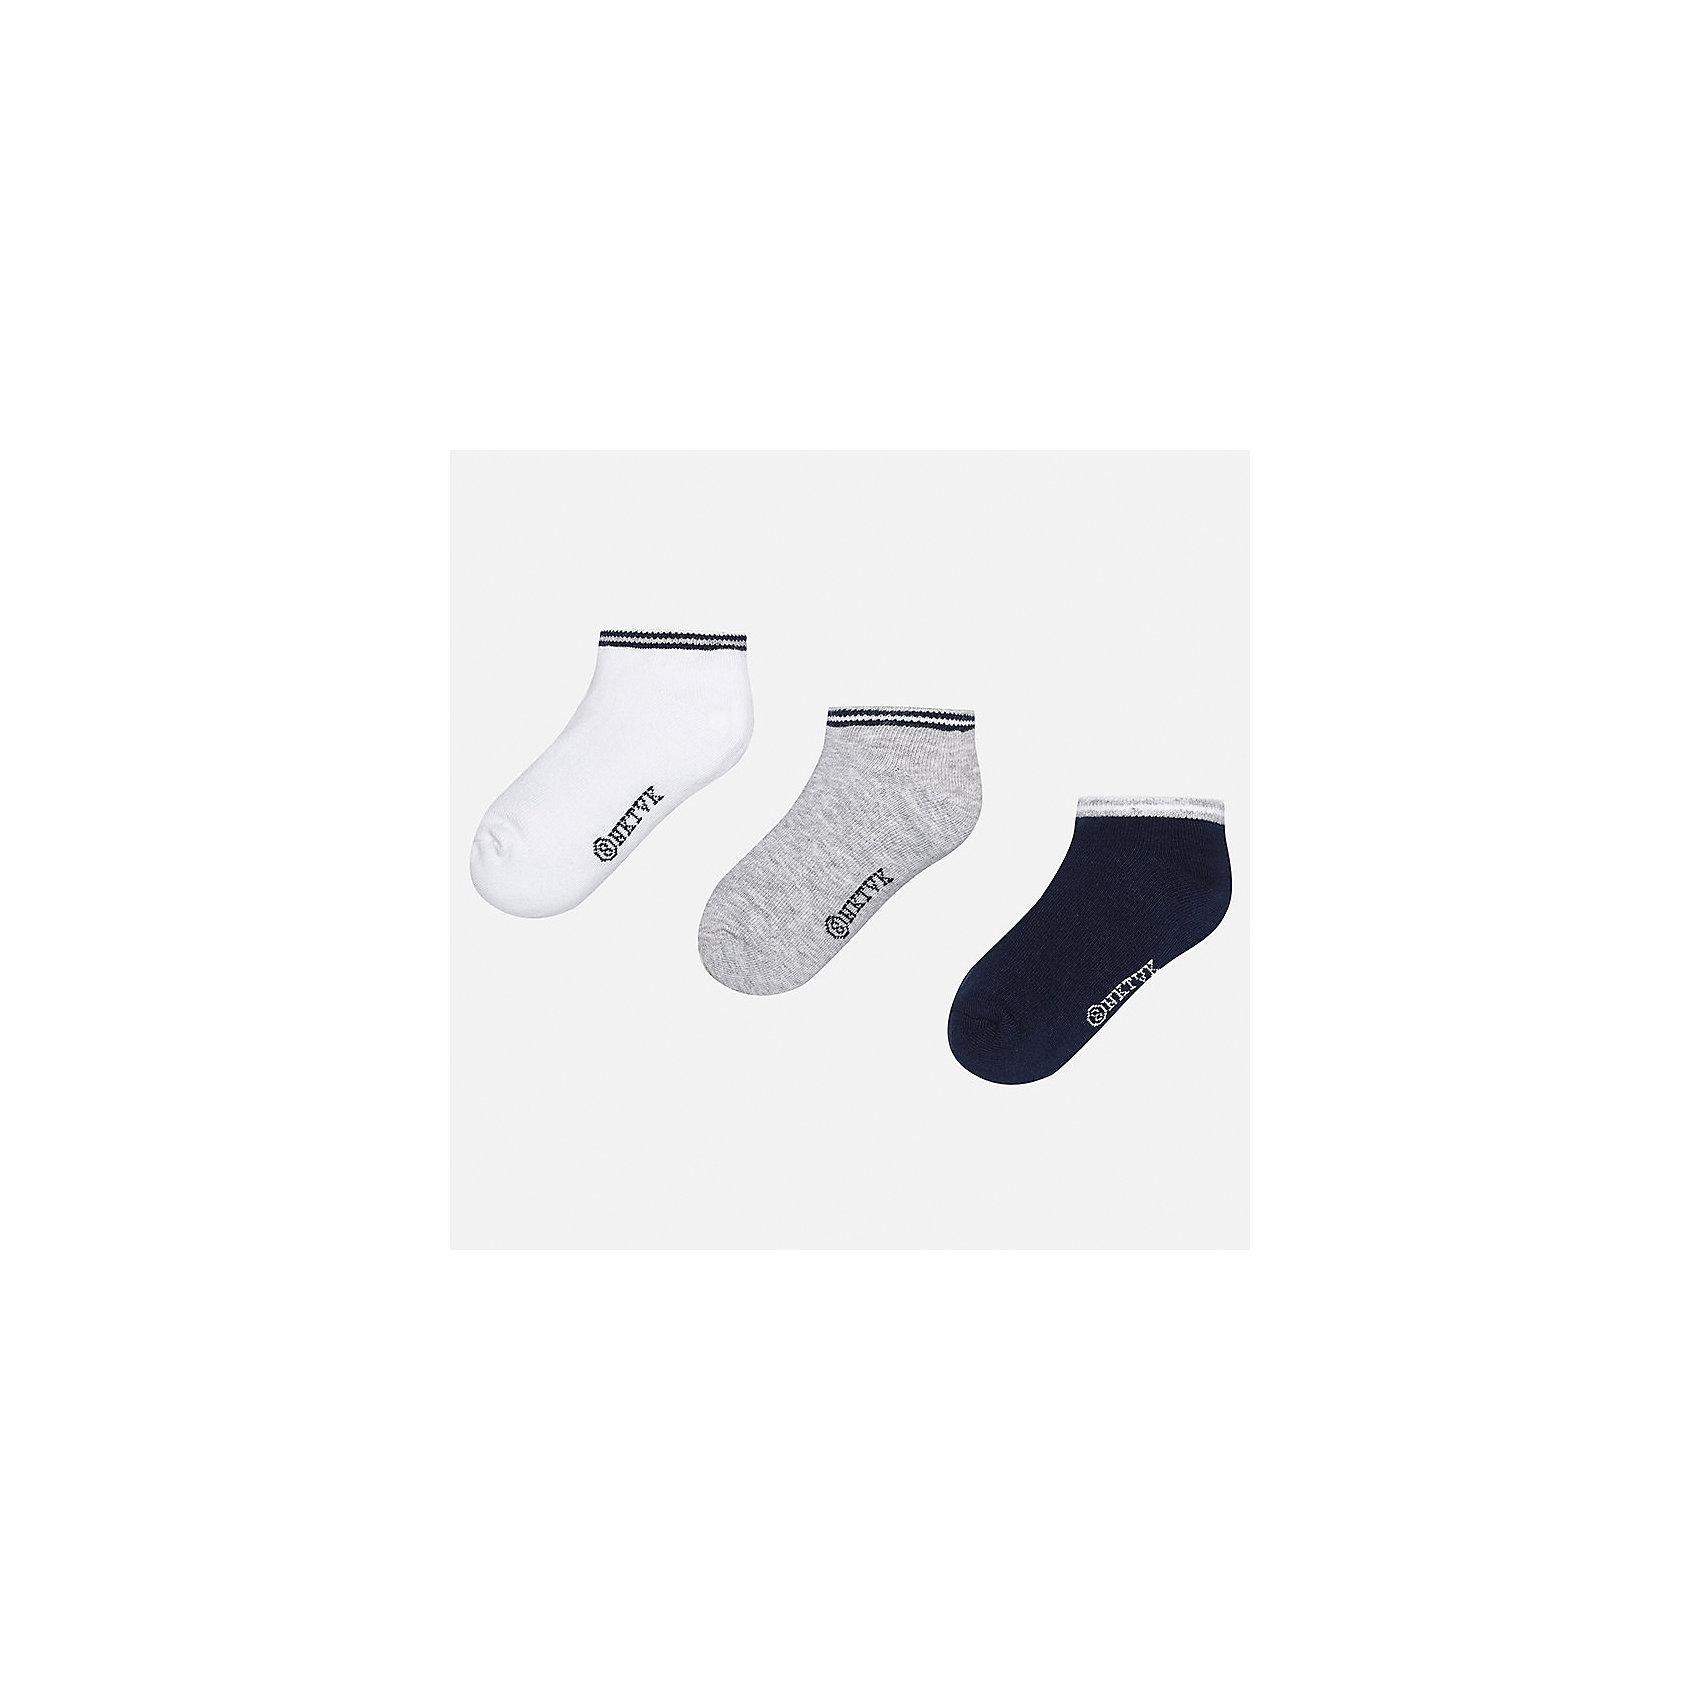 Носки (3 пары) для мальчика MayoralНоски<br>Характеристики товара:<br><br>• цвет: белый/серый/синий<br>• состав: 72% хлопок, 25% полиамид, 3% эластан<br>• комплектация: три пары<br>• мягкая резинка<br>• эластичный материал<br>• однотонные<br>• страна бренда: Испания<br><br>Удобные симпатичные носки для мальчика помогут обеспечить ребенку комфорт и дополнить наряд. Универсальный цвет позволяет надевать их под обувь разных расцветок. Носки удобно сидят на ноге и аккуратно смотрятся. Этот комплект - практичный и красивый! В составе материала - натуральный хлопок, гипоаллергенный, приятный на ощупь, дышащий. <br><br>Одежда, обувь и аксессуары от испанского бренда Mayoral полюбились детям и взрослым по всему миру. Модели этой марки - стильные и удобные. Для их производства используются только безопасные, качественные материалы и фурнитура. Порадуйте ребенка модными и красивыми вещами от Mayoral! <br><br>Носки (3 пары) для мальчика от испанского бренда Mayoral (Майорал) можно купить в нашем интернет-магазине.<br><br>Ширина мм: 87<br>Глубина мм: 10<br>Высота мм: 105<br>Вес г: 115<br>Цвет: серый<br>Возраст от месяцев: 72<br>Возраст до месяцев: 96<br>Пол: Мужской<br>Возраст: Детский<br>Размер: 8,14,16,12,10<br>SKU: 5282121